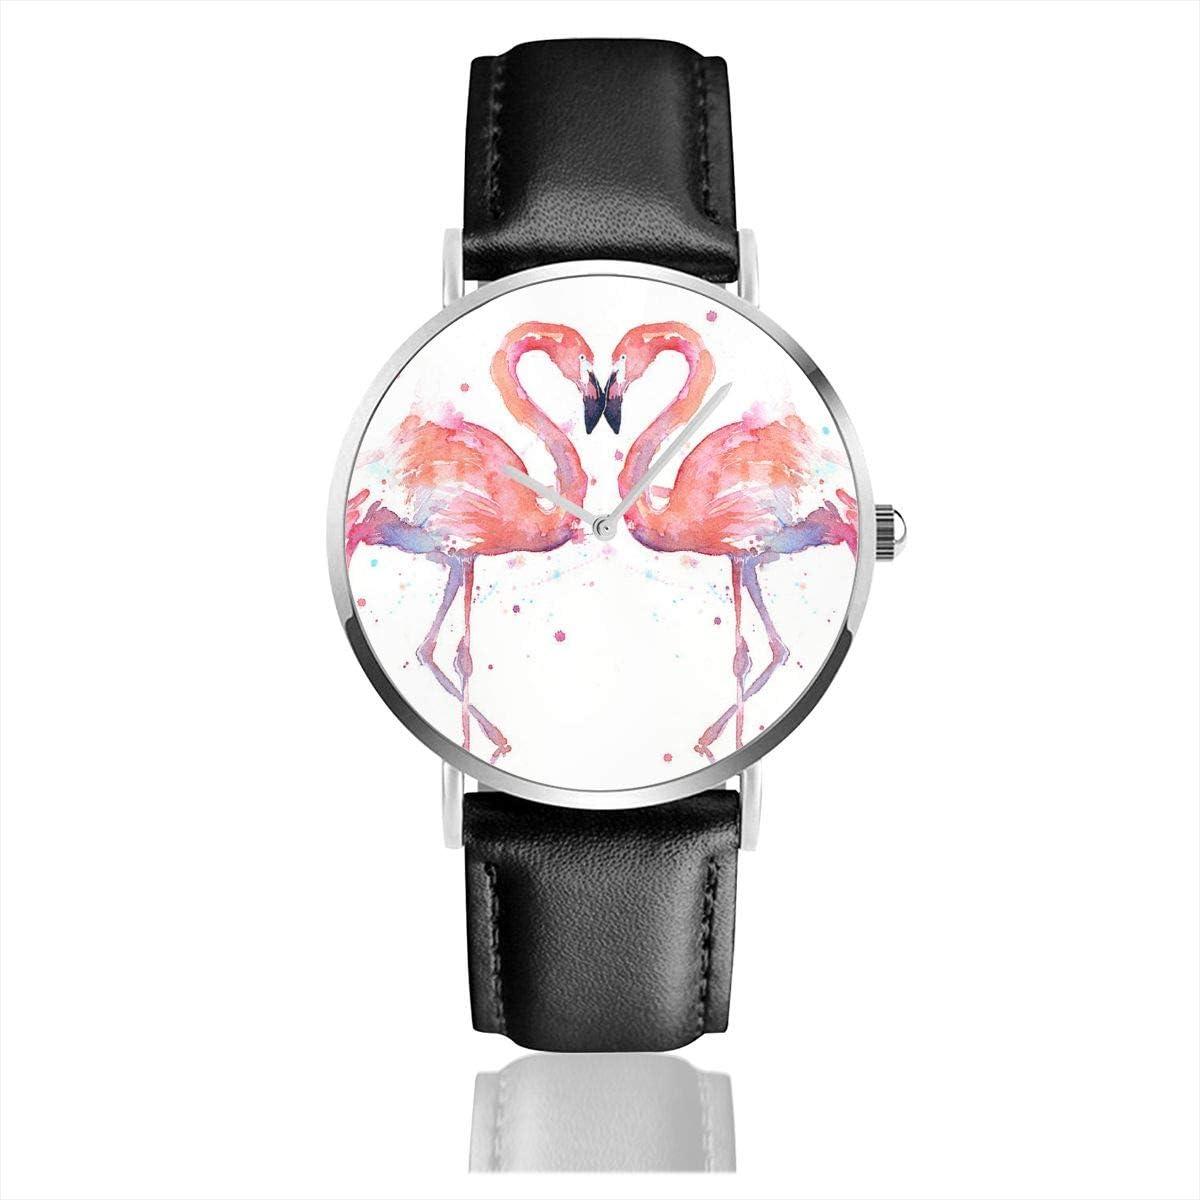 Reloj de Pulsera con diseño de Flamenco y Acuarela, de Cuarzo ...